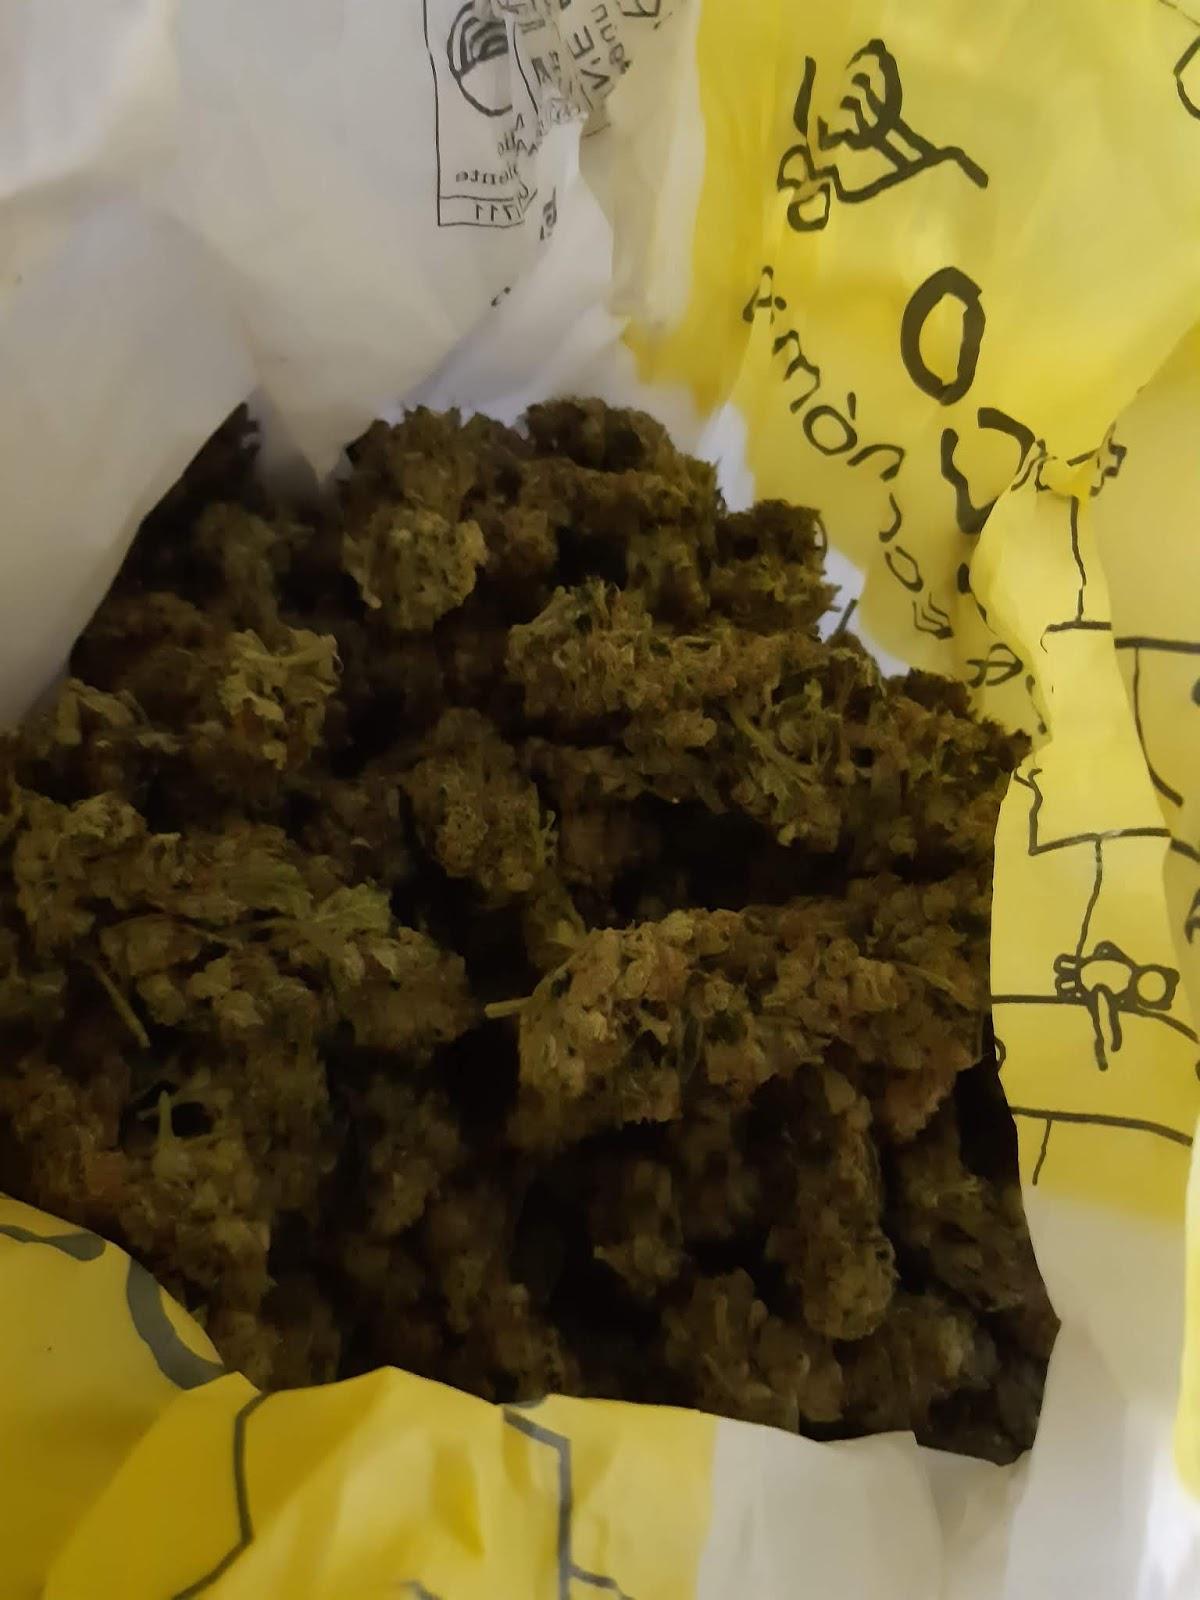 livraison de la weed france paris domicile maison laposte courier